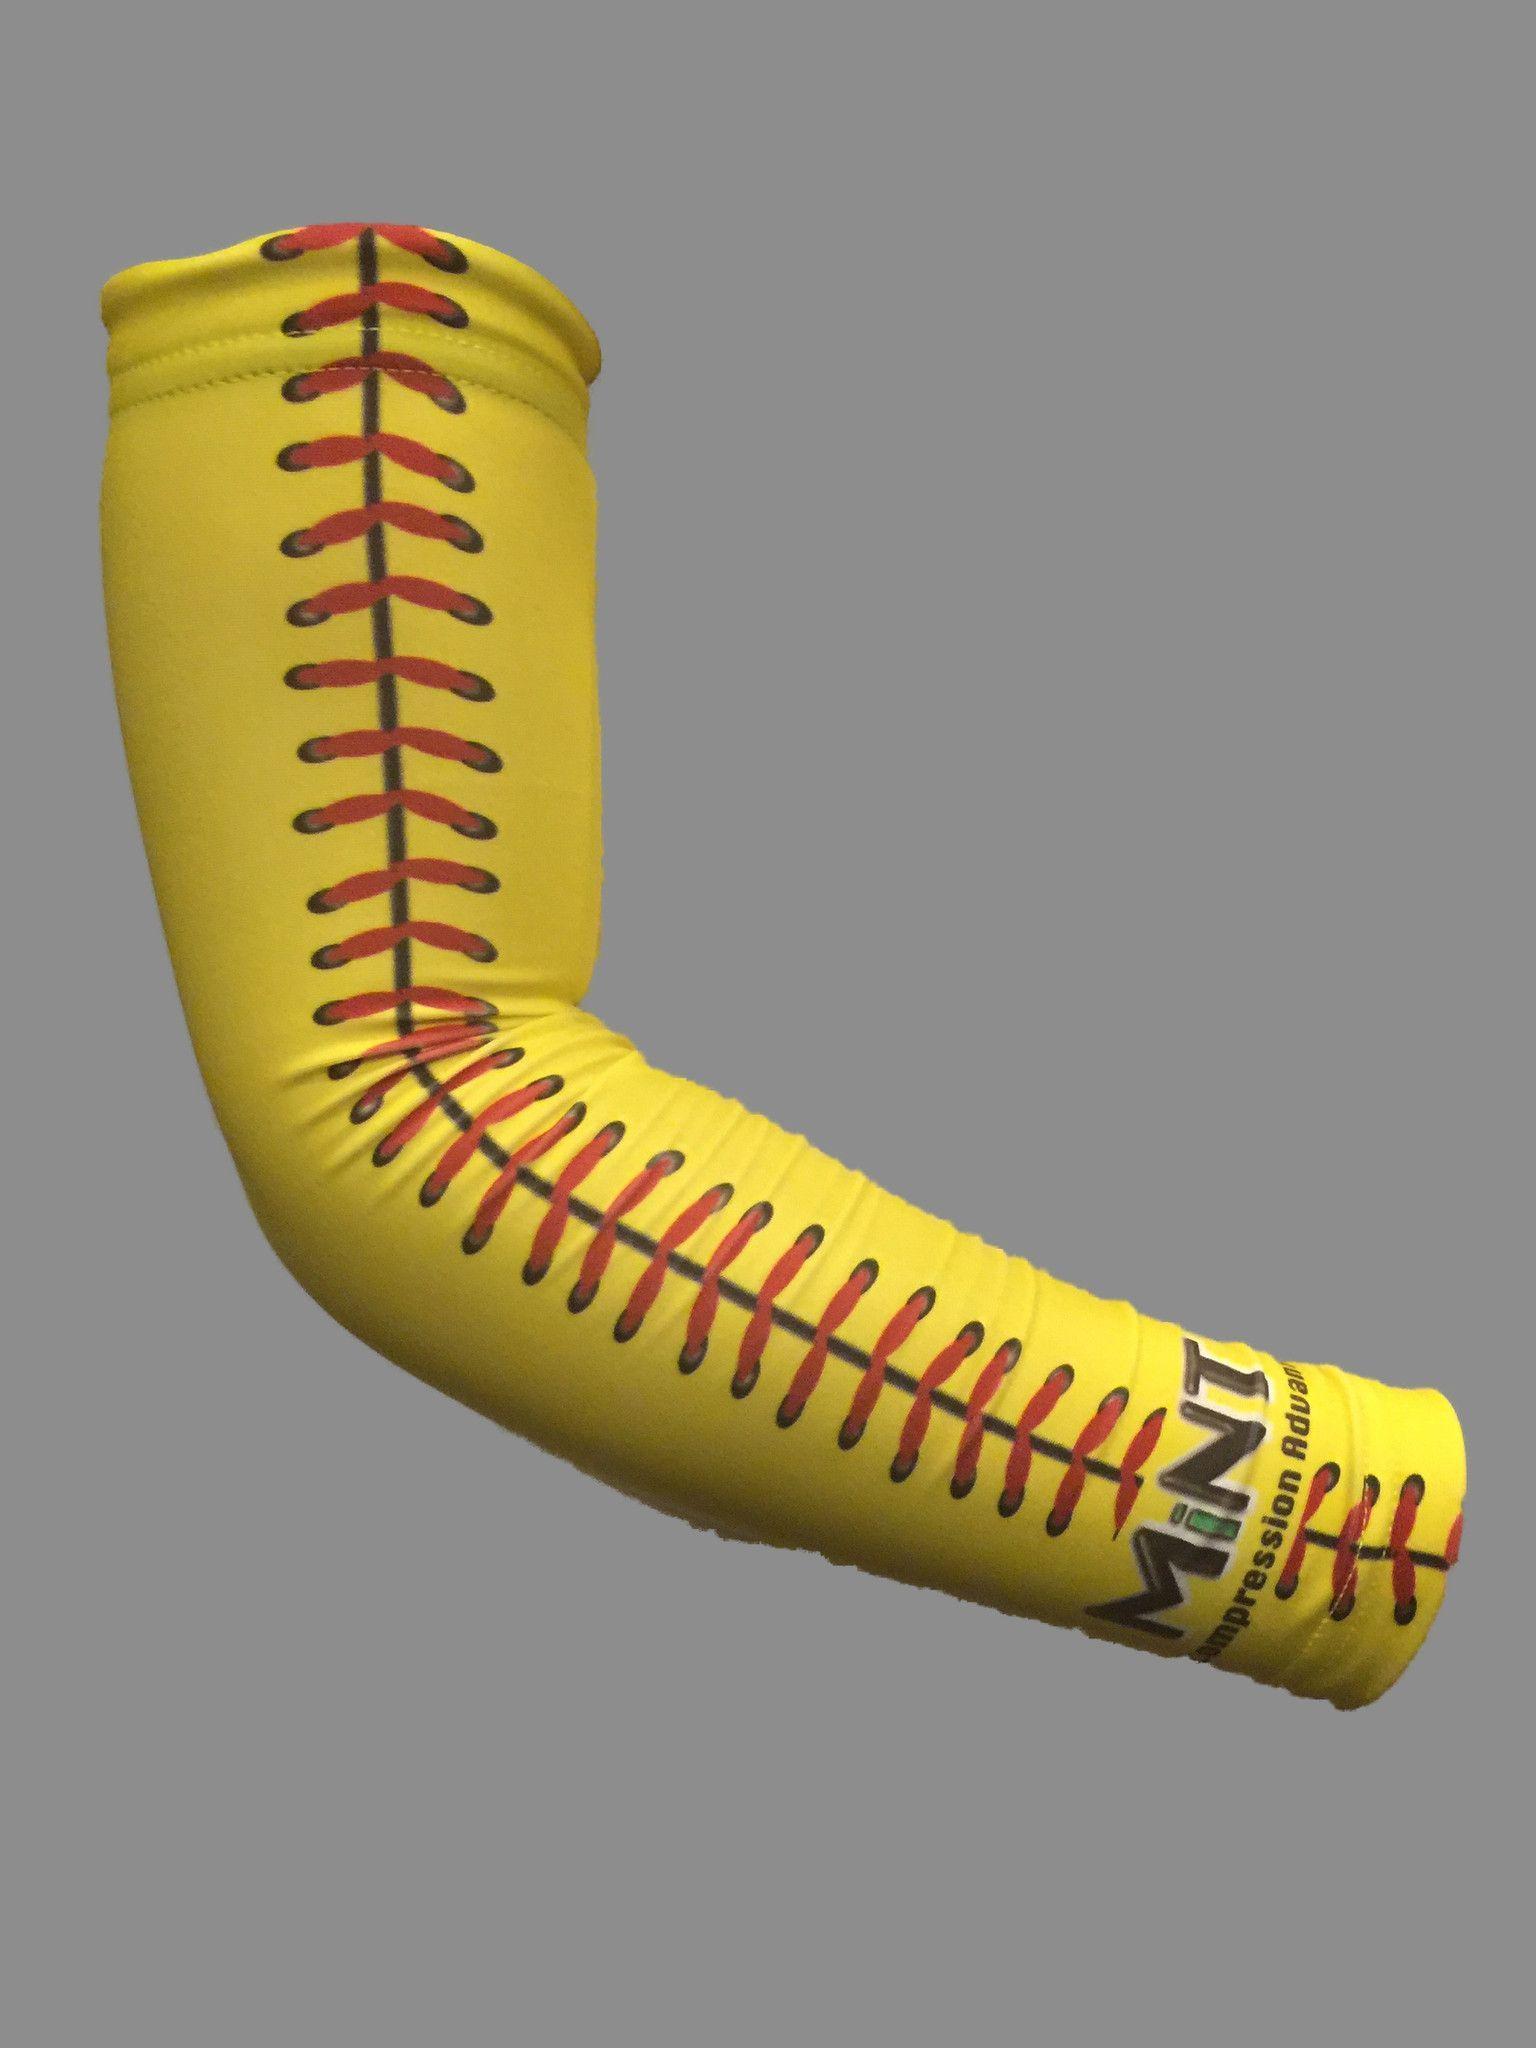 Yellow Softball Arm Sleeve Softball Softball Outfits Softball Gifts